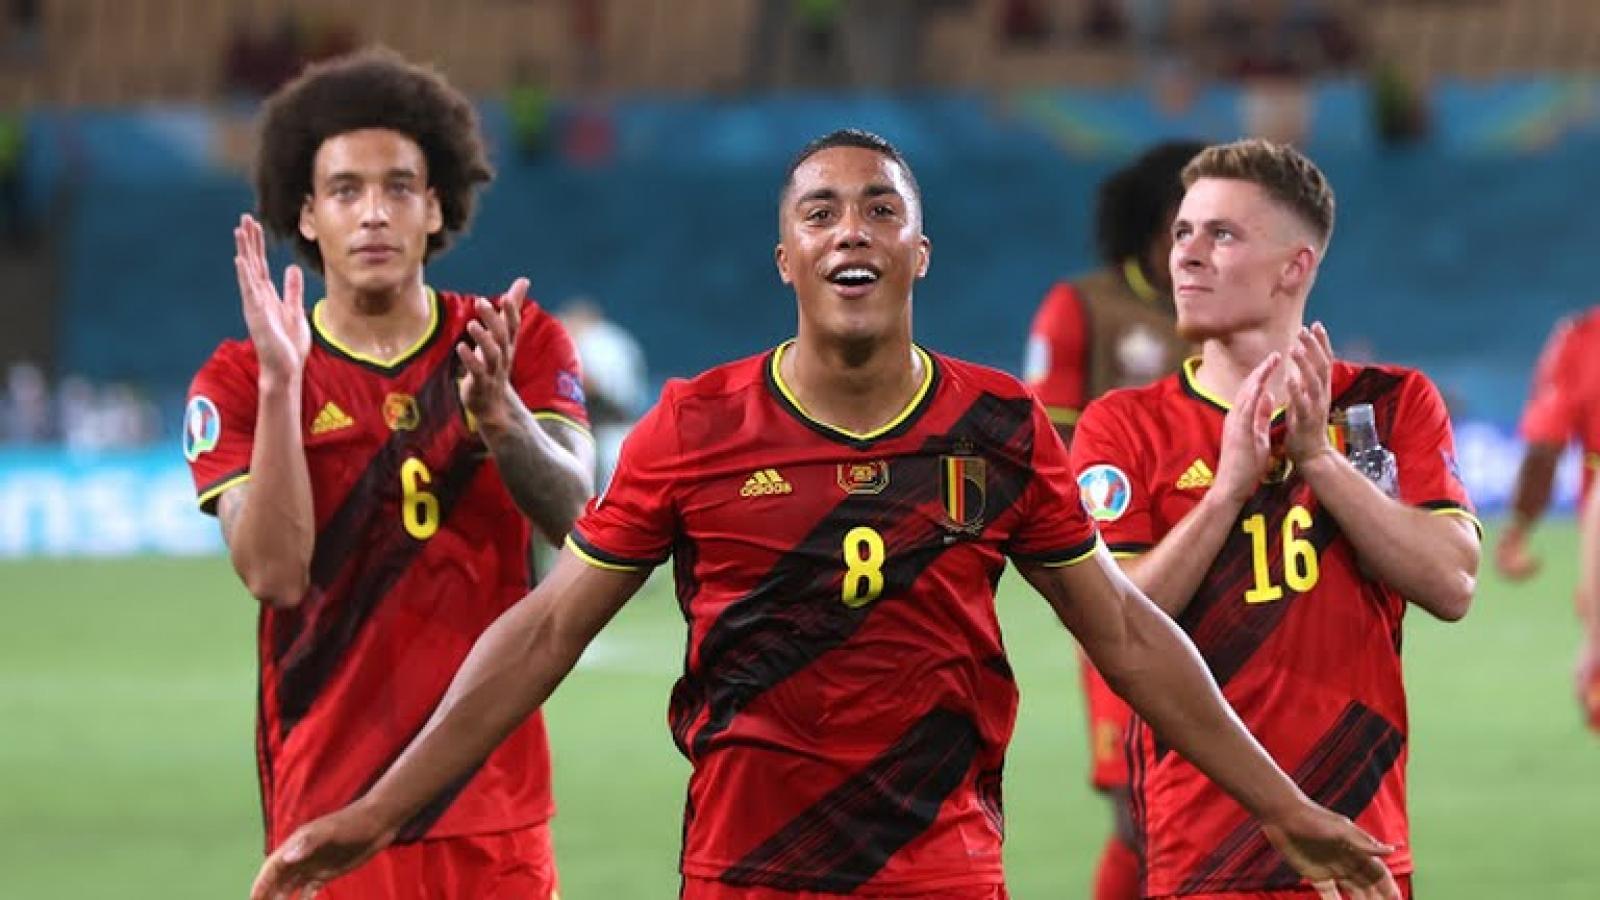 Bỉ đối đầu với Italia, CH Séc gặp Đan Mạch ở tứ kết EURO 2021